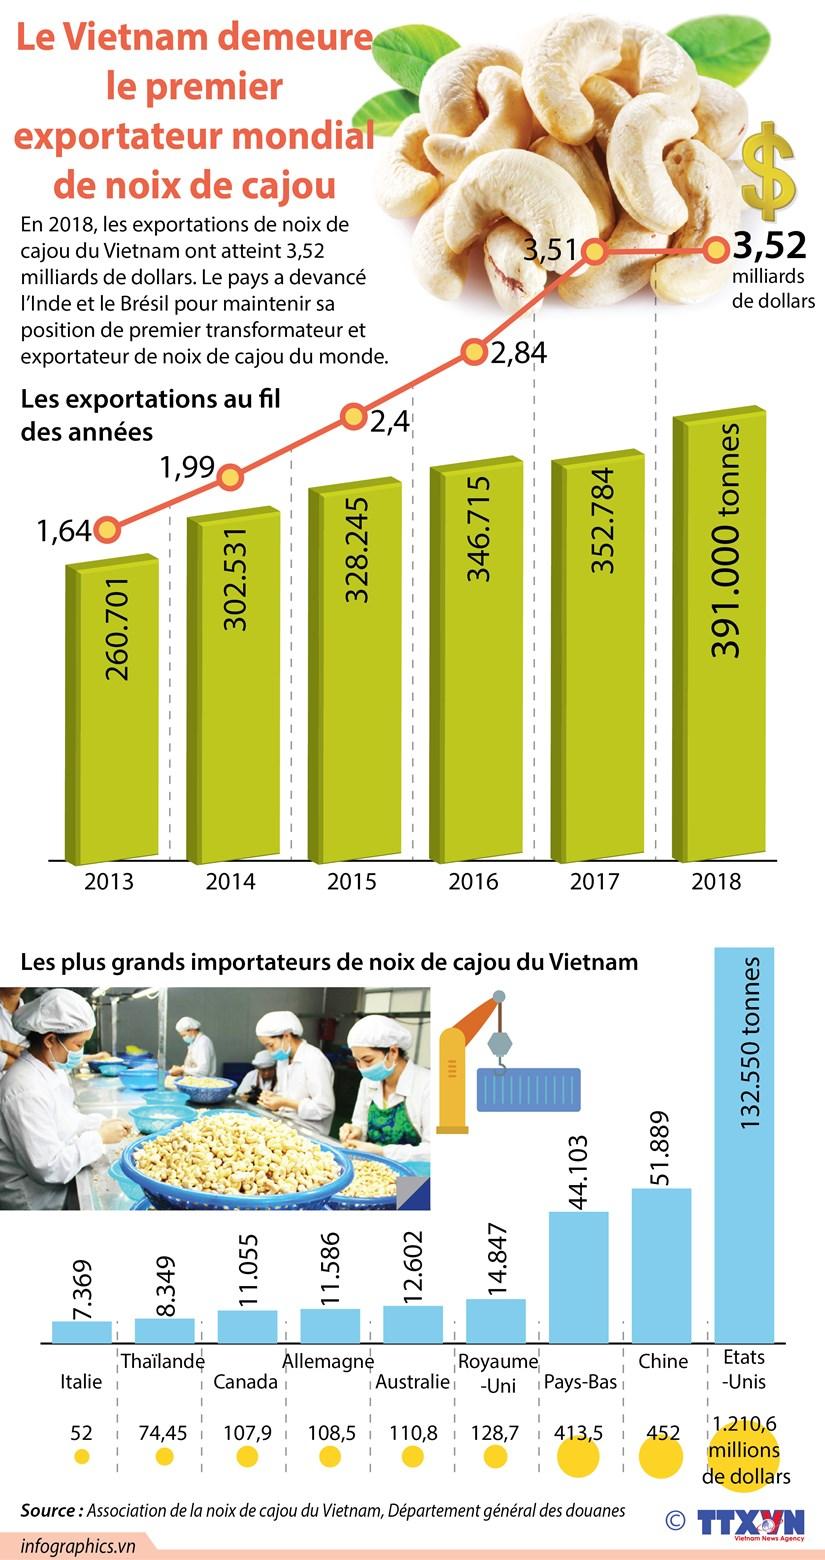 Le Vietnam demeure le premier exportateur mondial de noix de cajou hinh anh 1